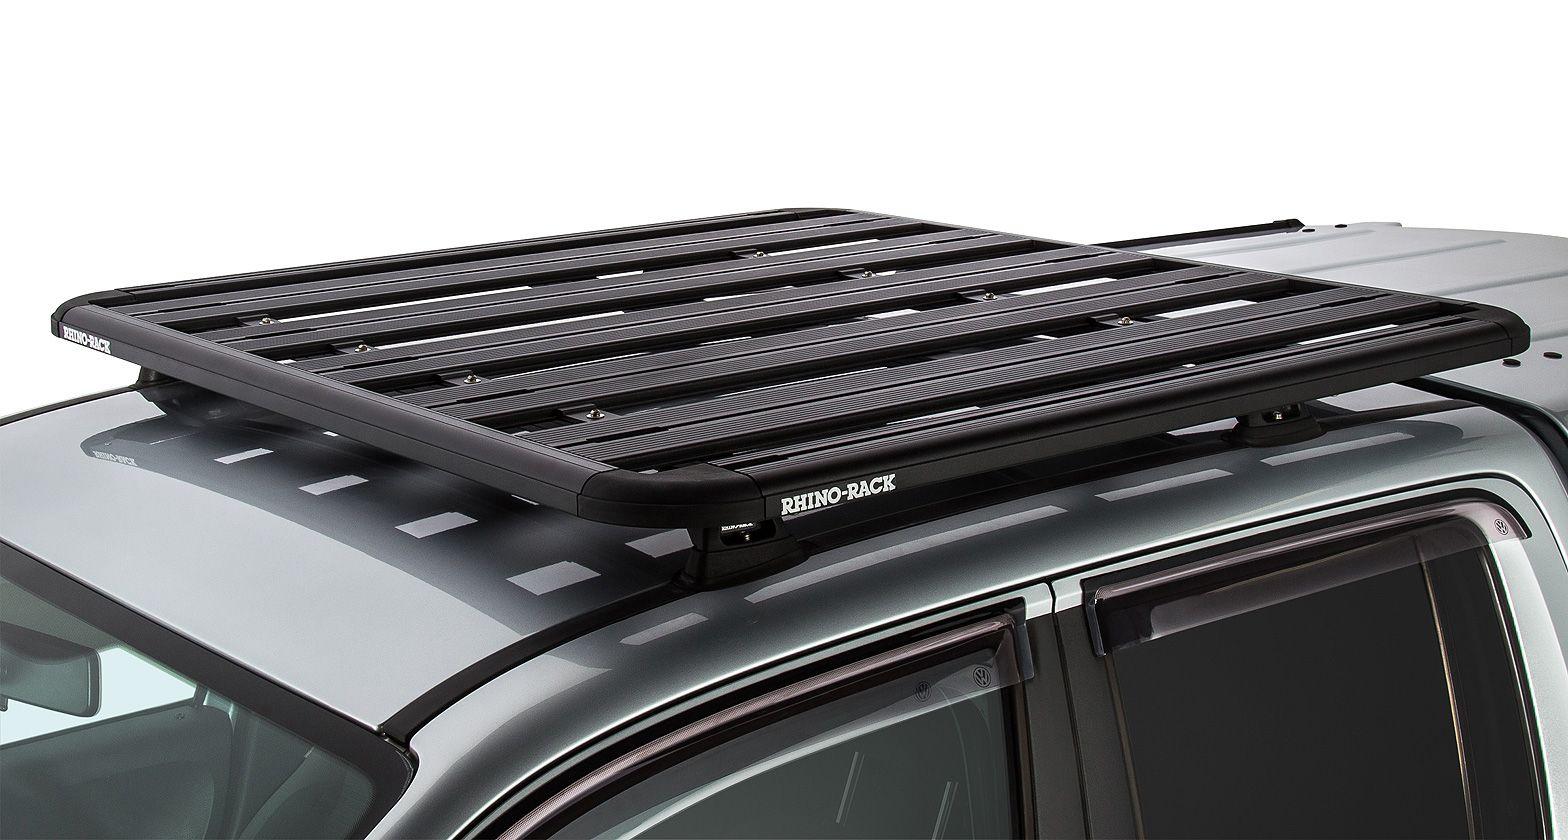 Pioneer Platform Roof Rack RhinoRack Roof rack, 4x4